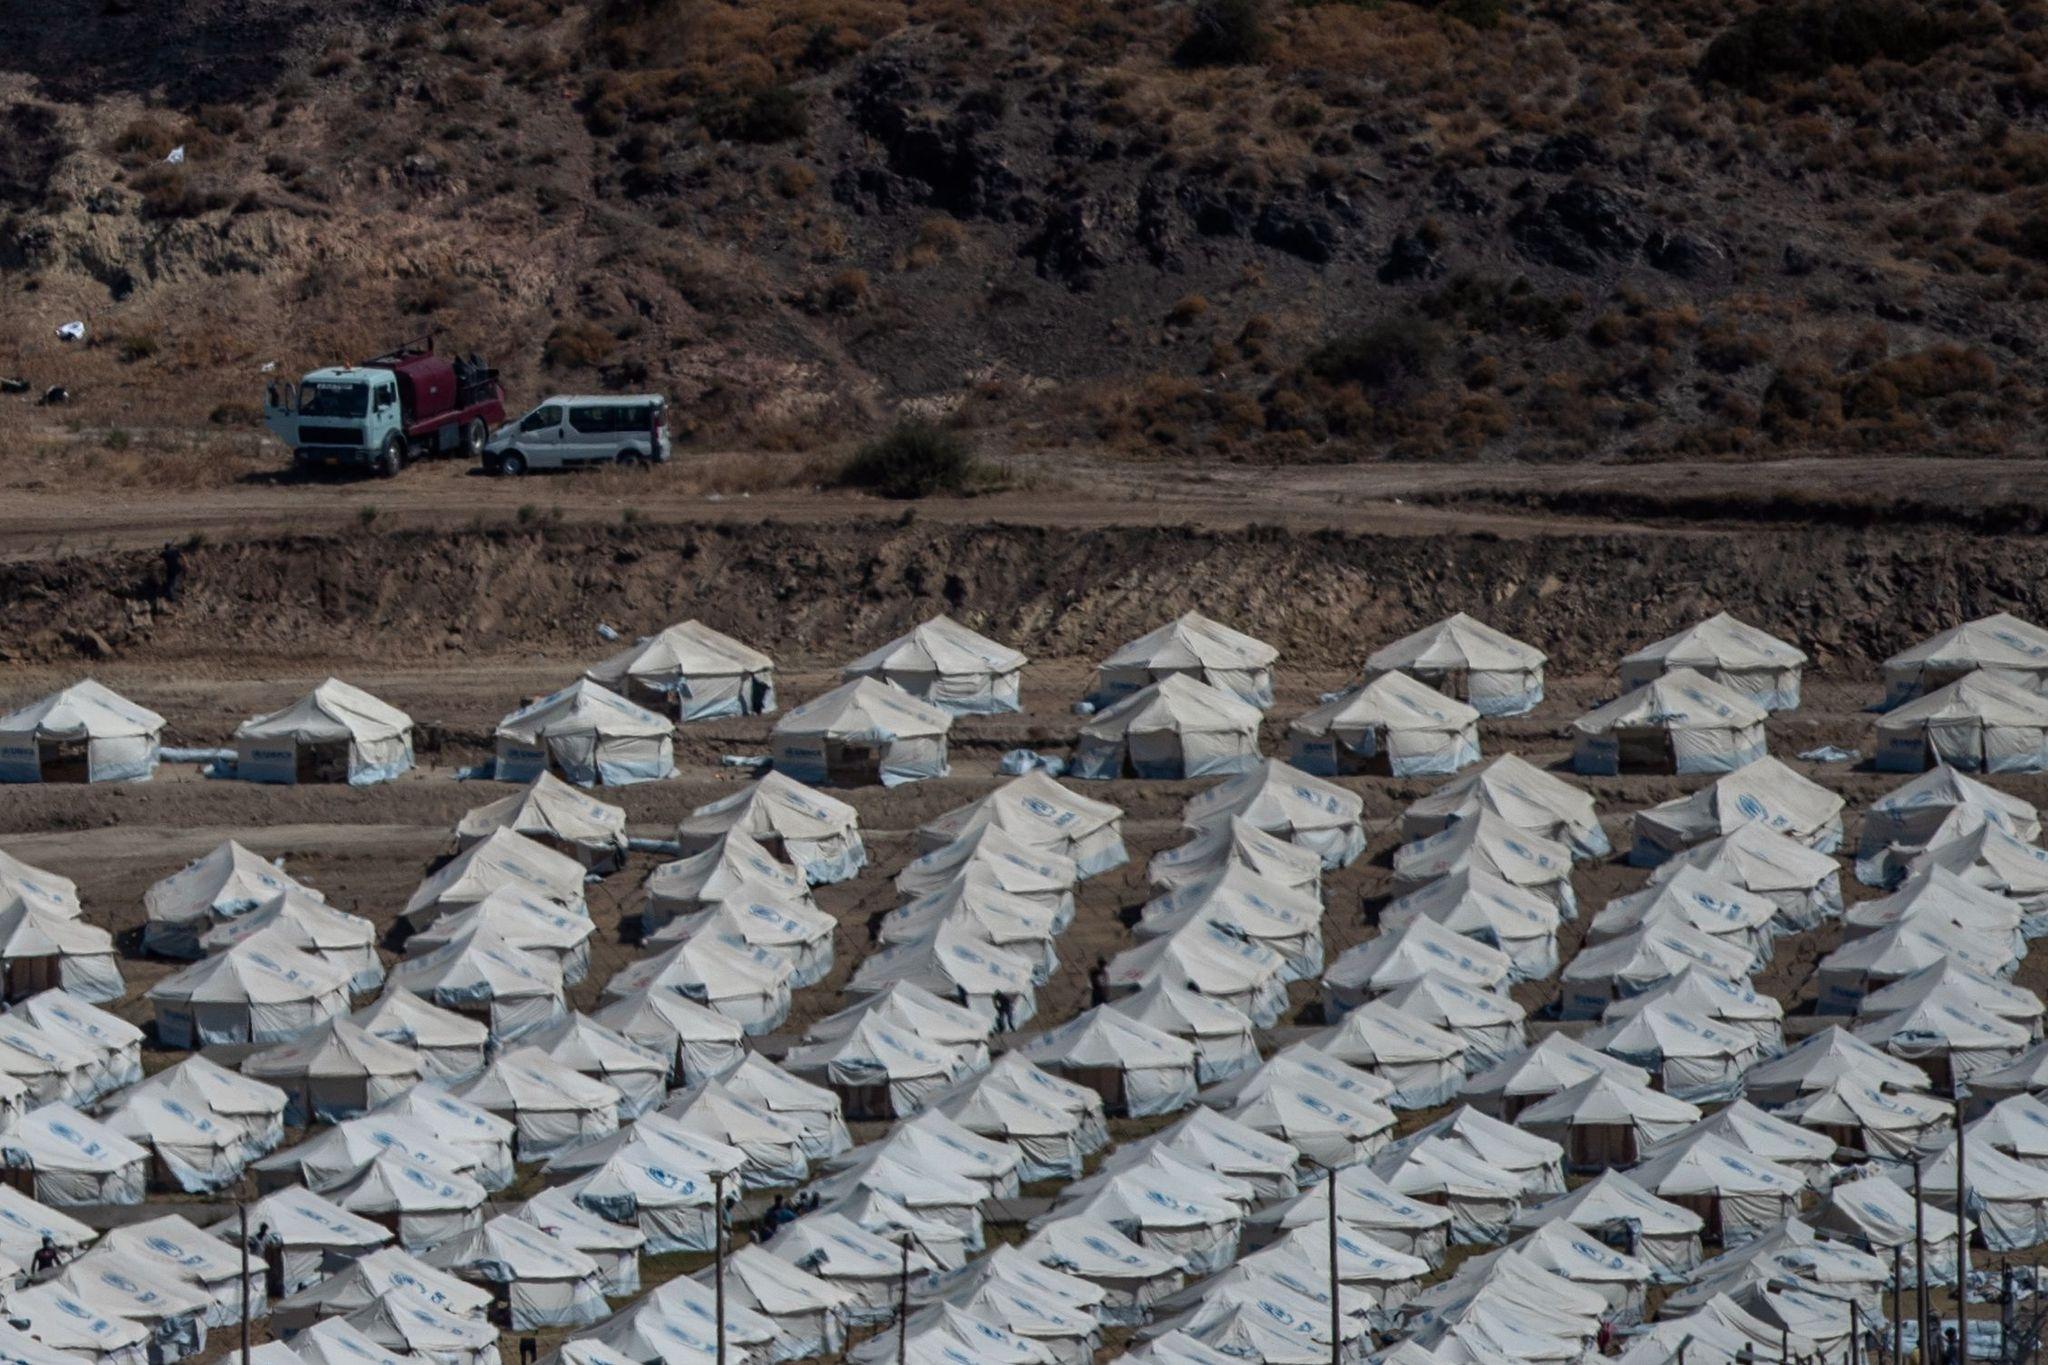 5.000 asylsøkere flyttet til ny leir på Lesvos